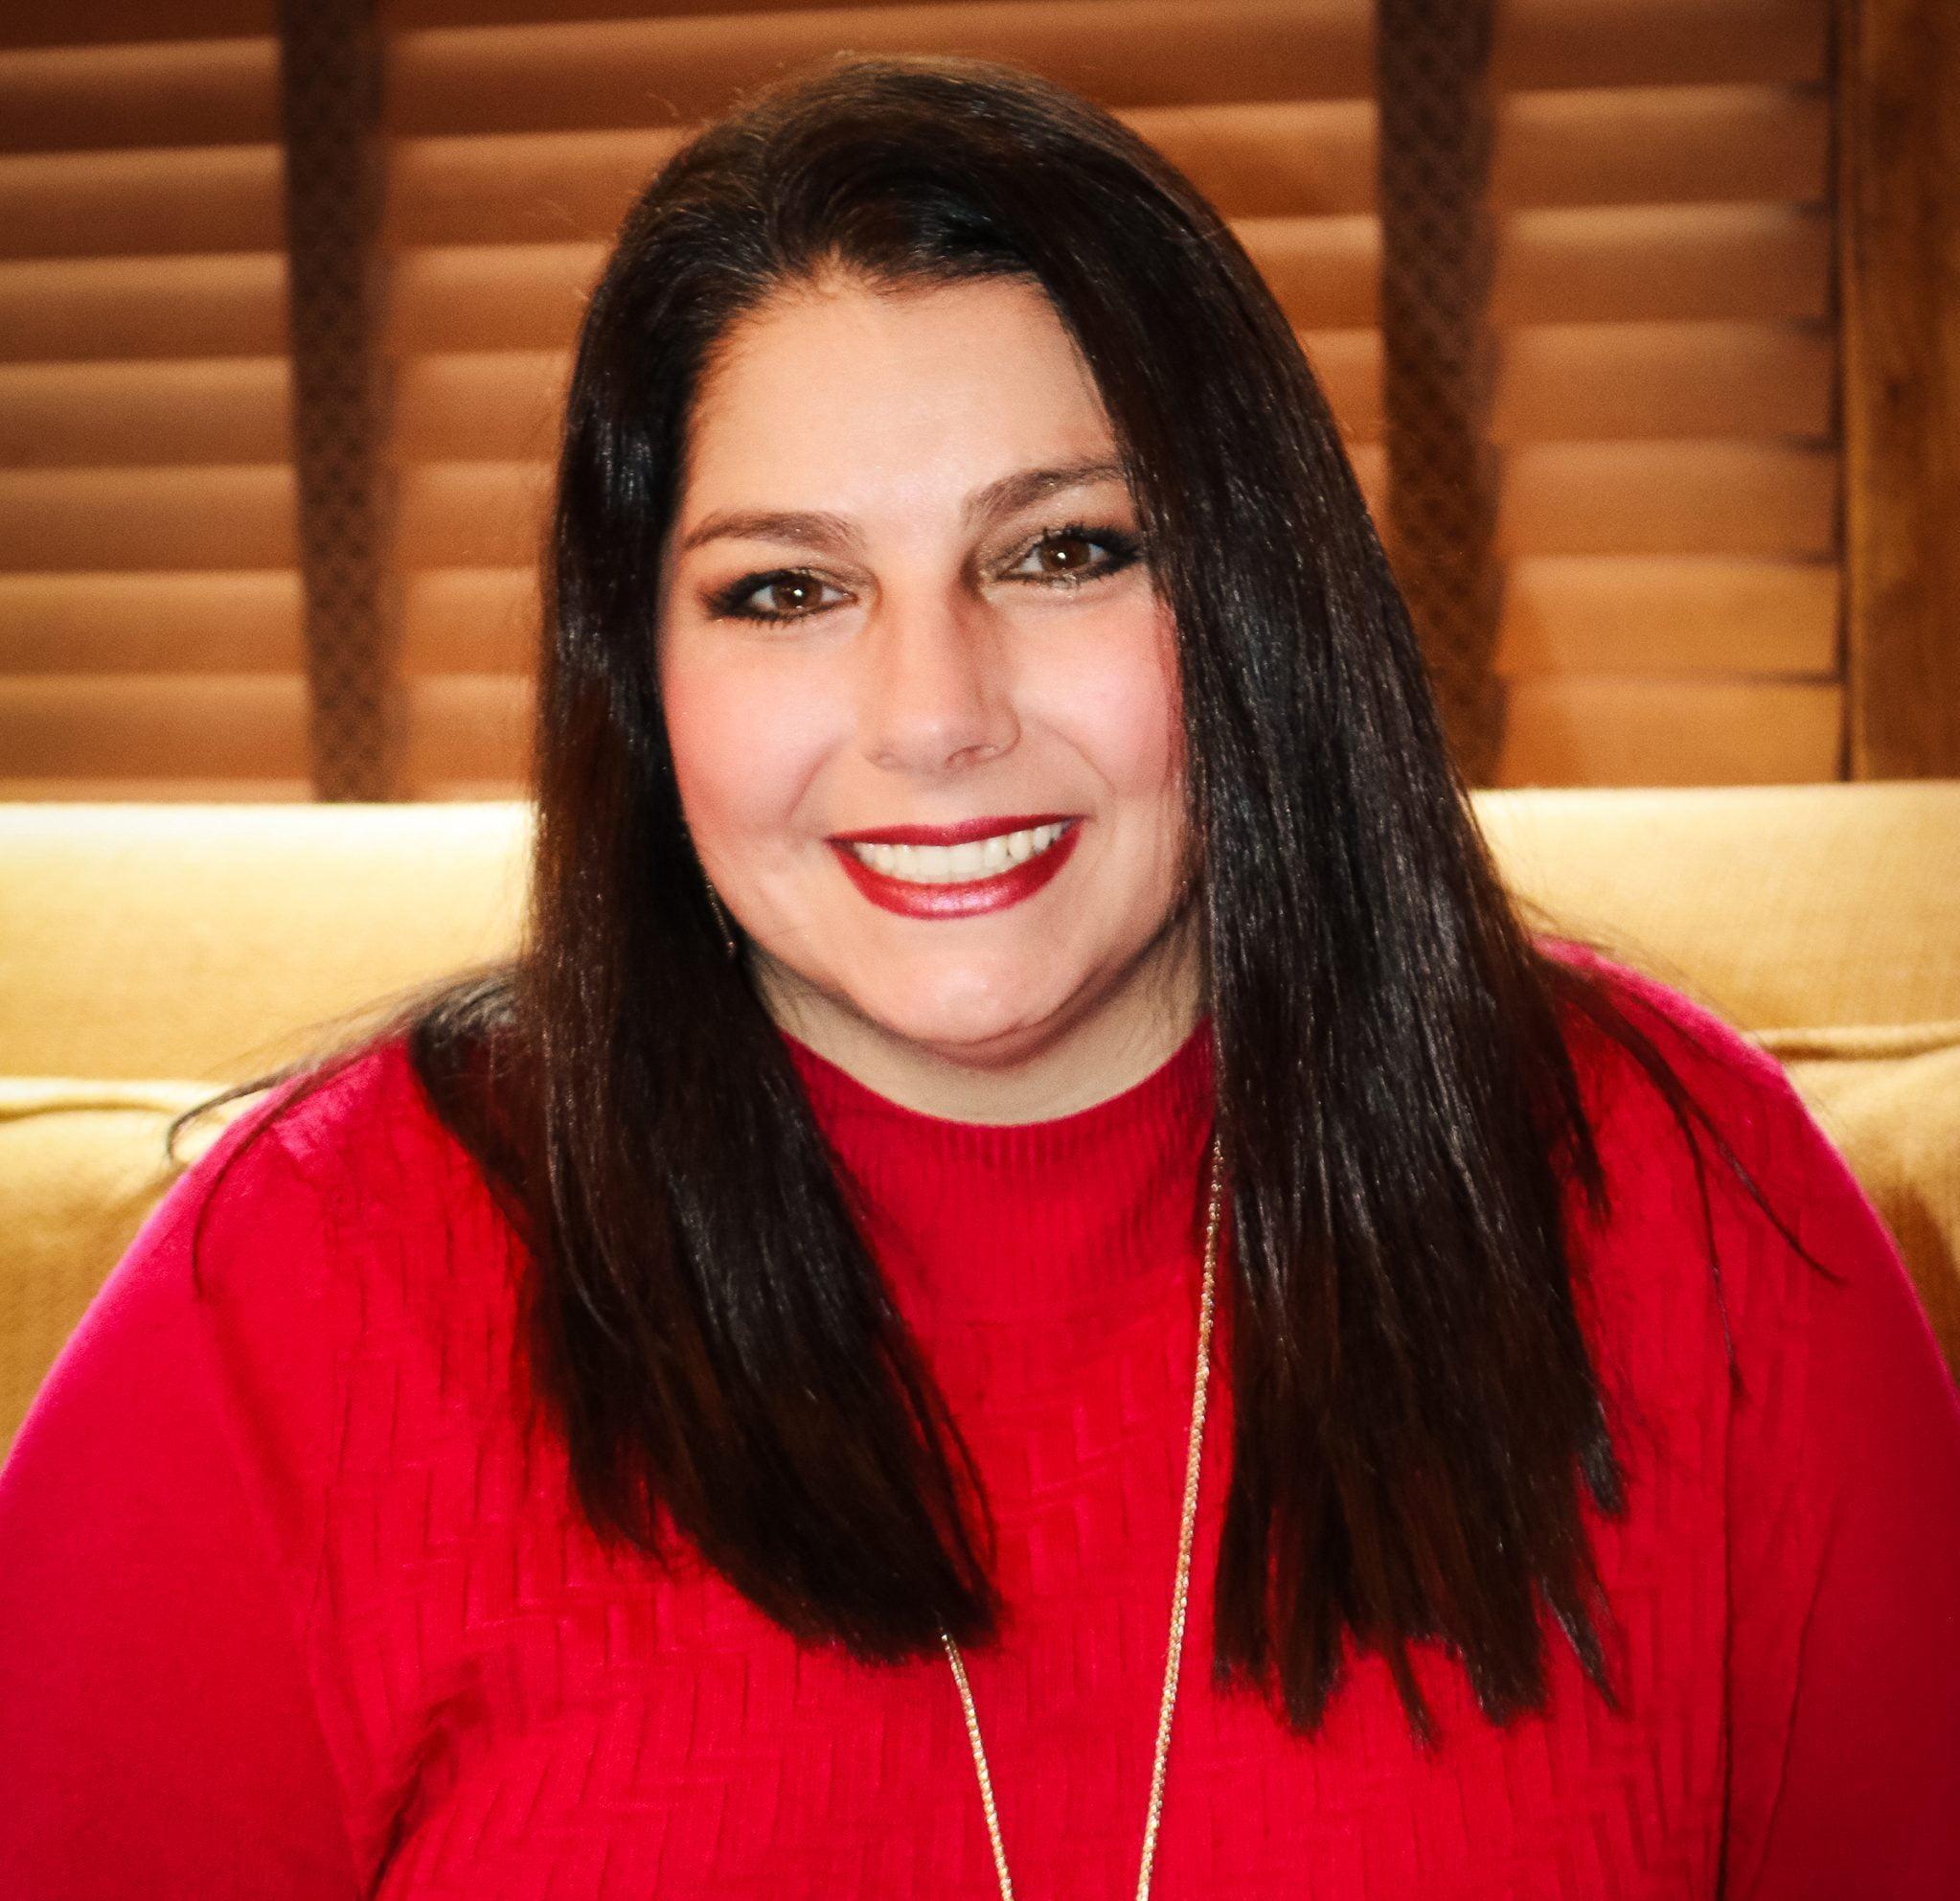 Kelly Horner